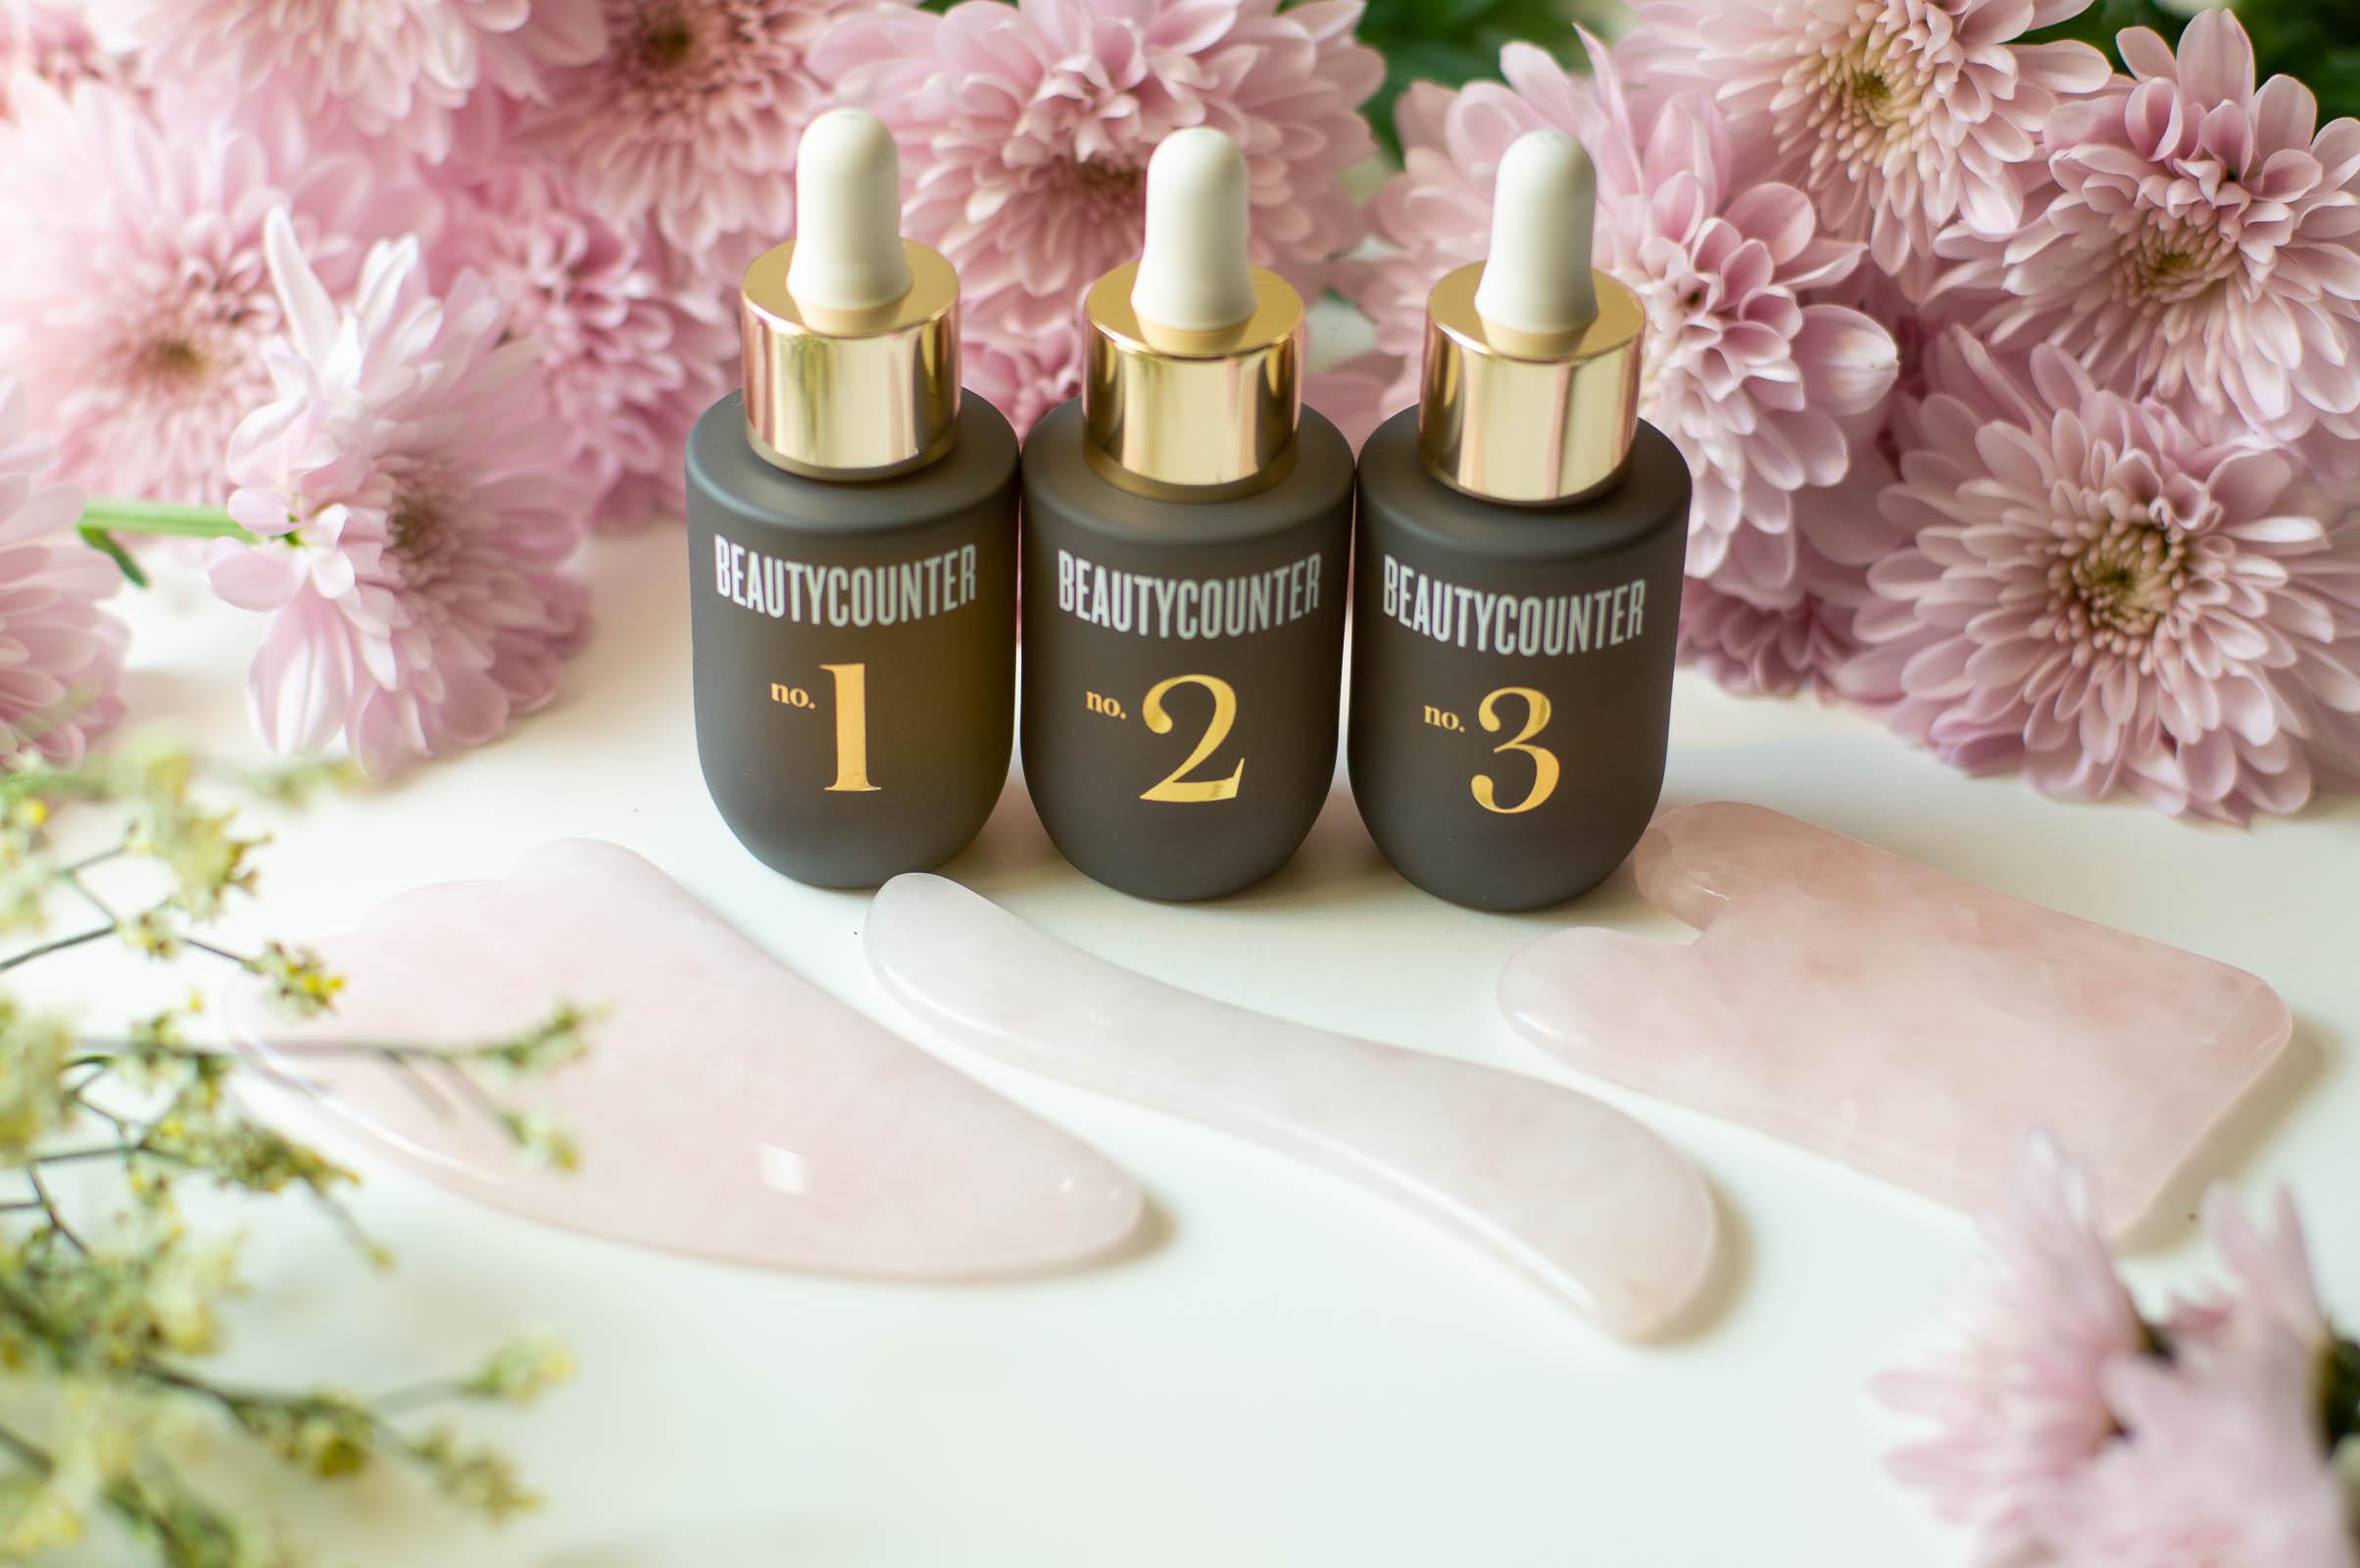 beautycounter facial oils for gua sha